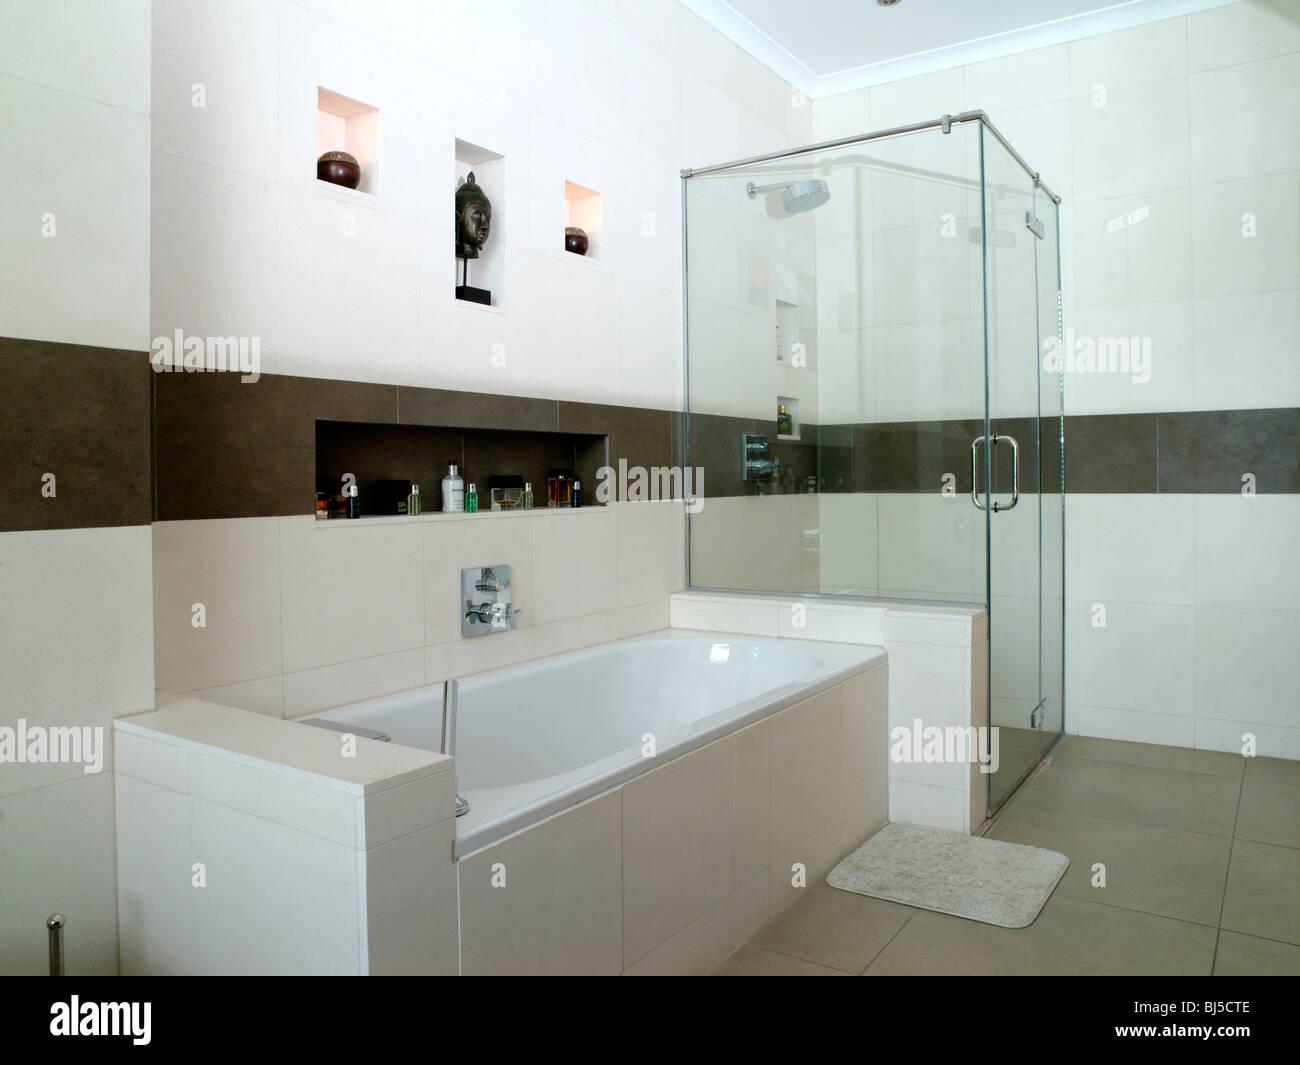 Moderne Badezimmer In Weißen Und Braunen Fliesen Gefliest Sein Und Ihr  Waschbecken, Lagerung, Spiegel, Glas Duschkabine,